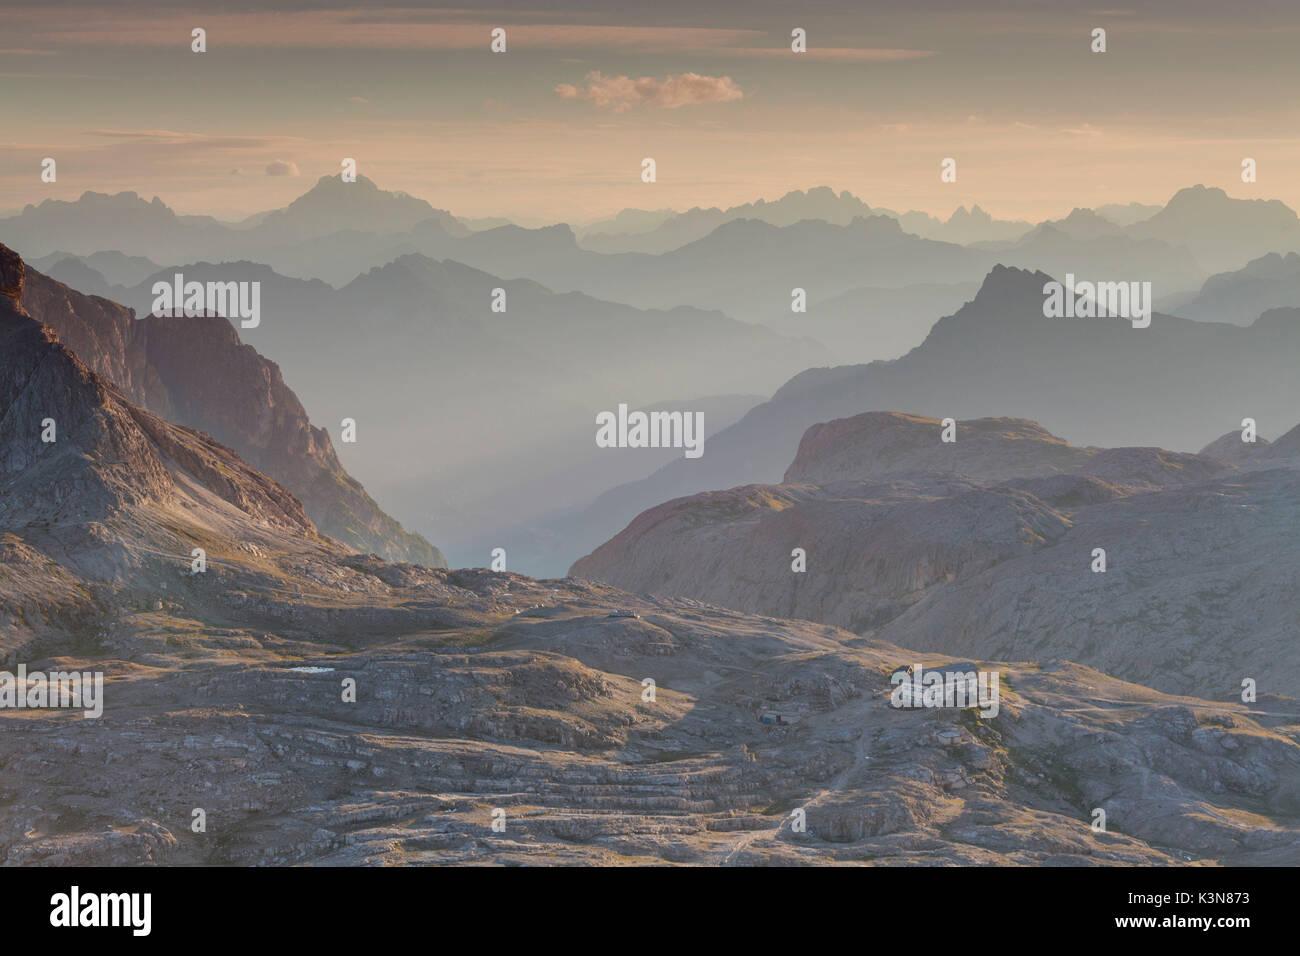 Plateau of Pale of San Martino, San Martino di Castrozza, Trento province, Dolomites, Trentino Alto Adige, Italy, Stock Photo